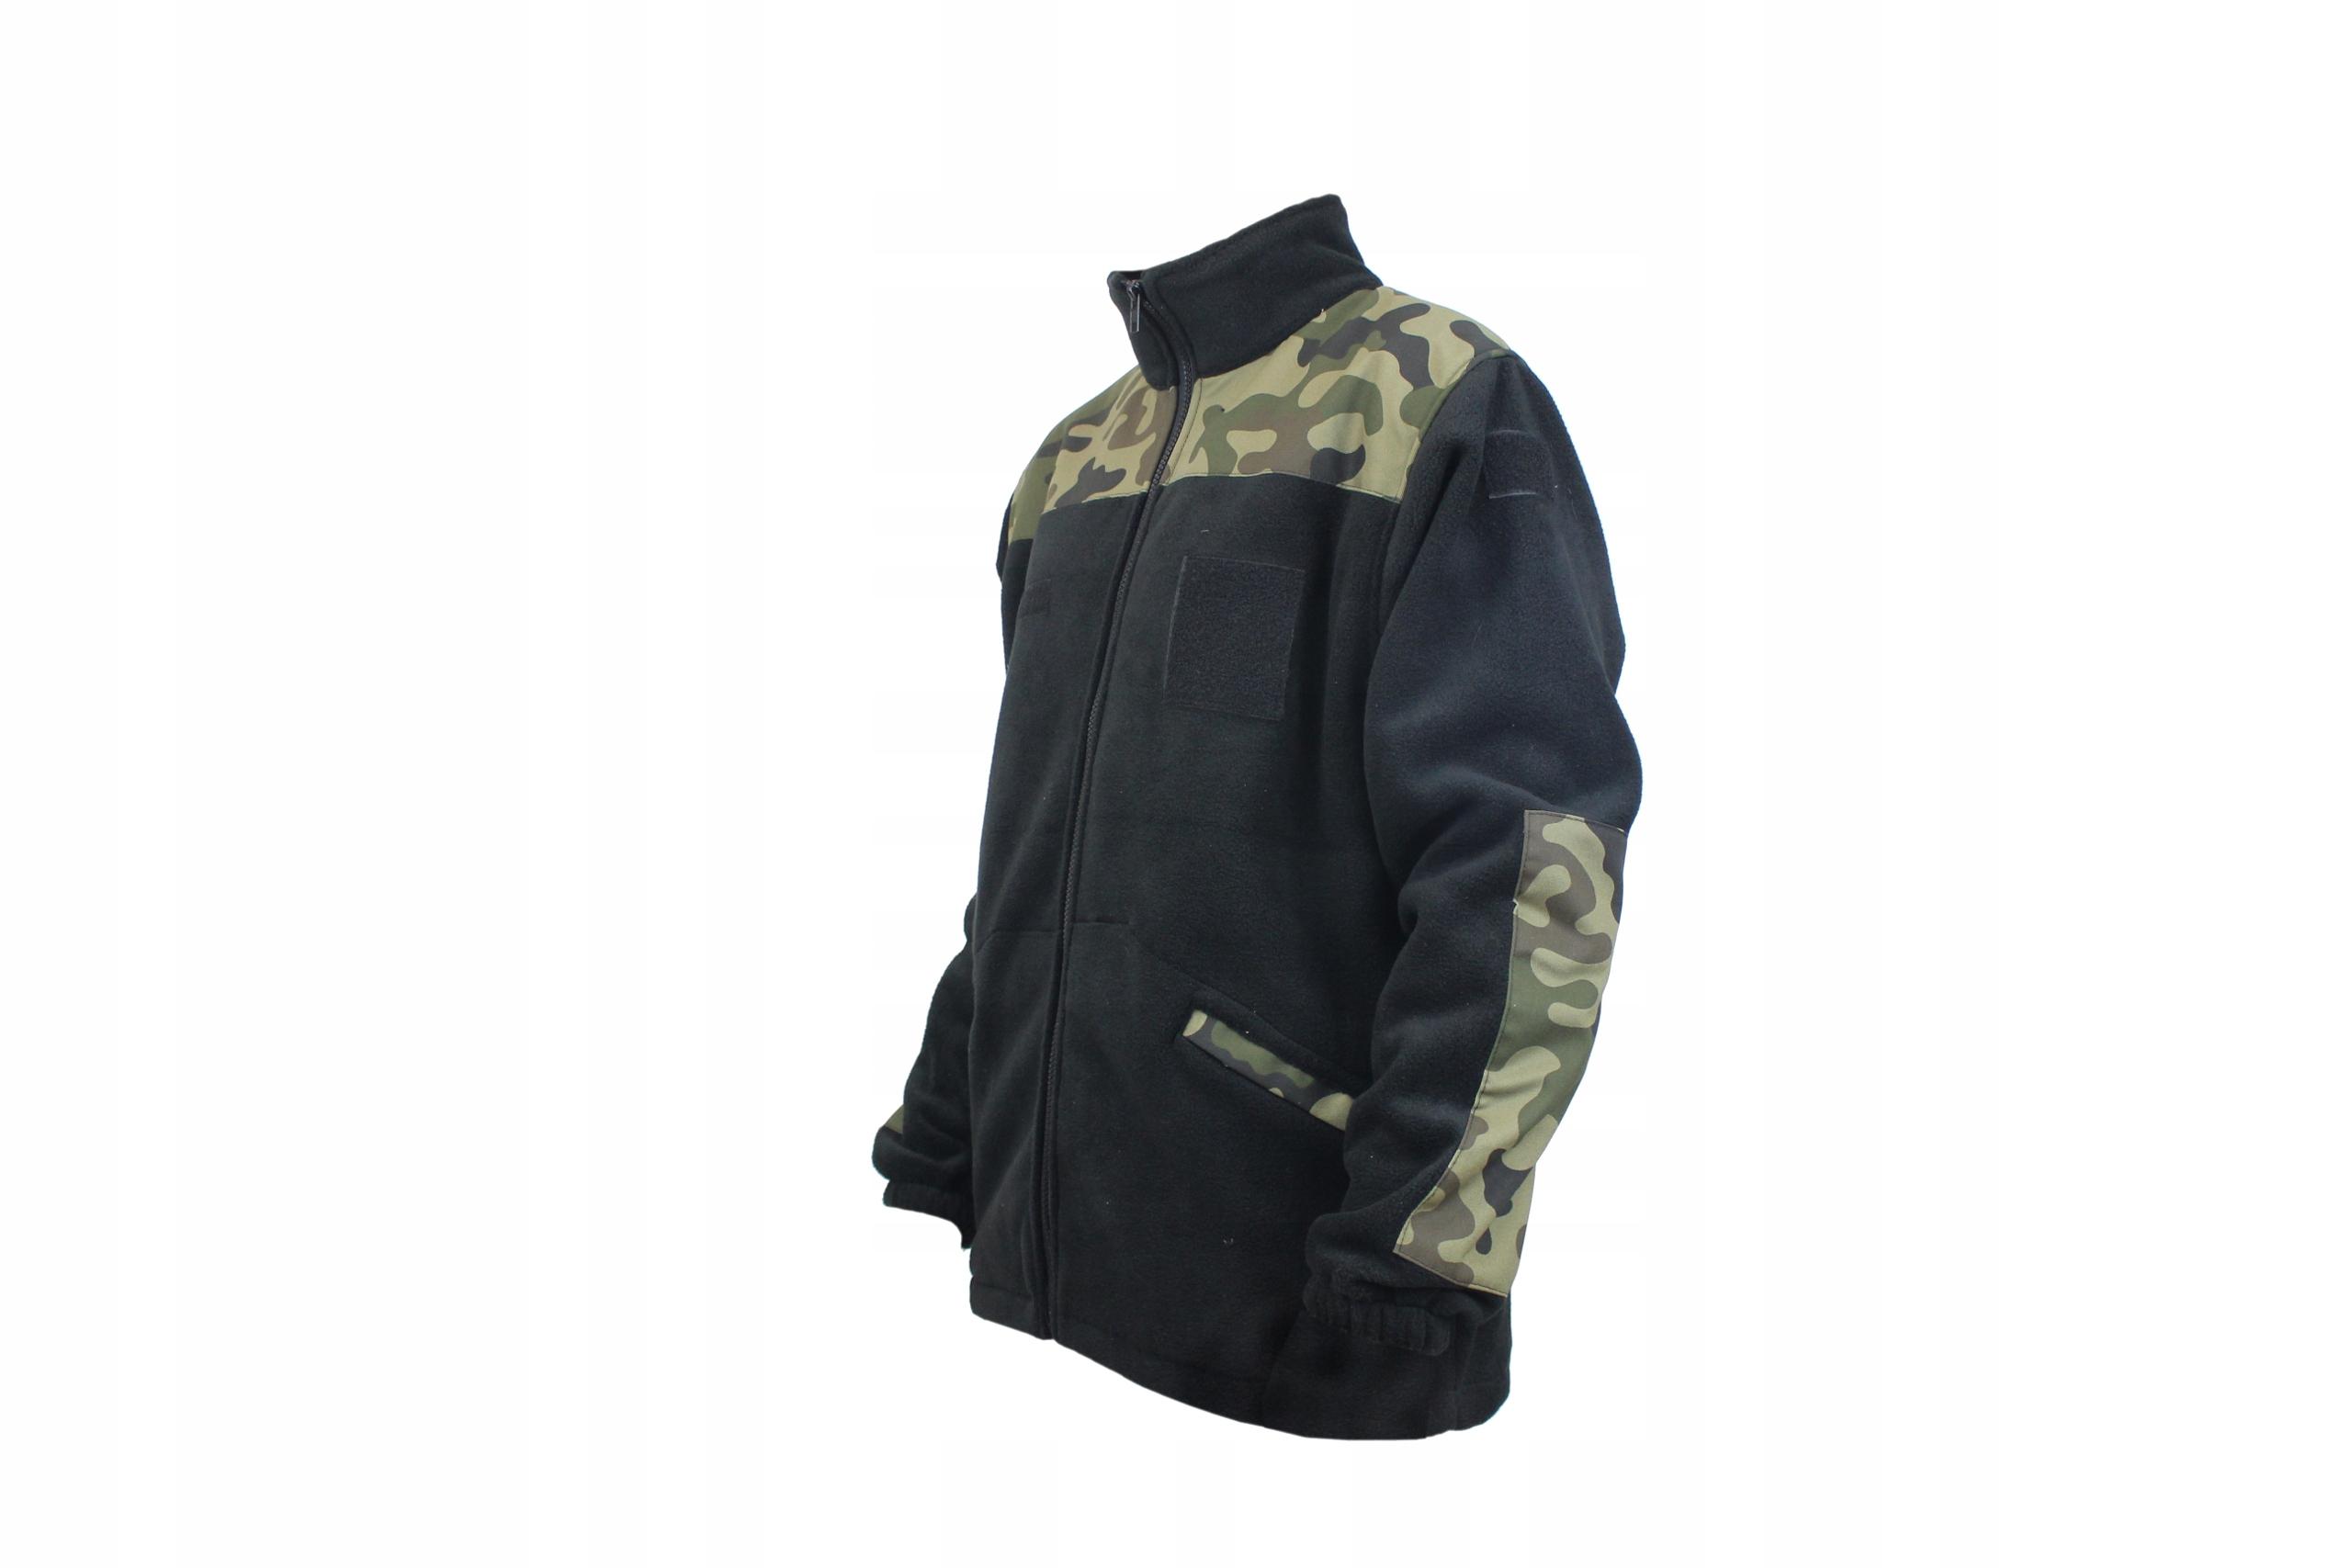 Bluza Damska Z Kapturem Adidas Czarno Biała Oryginał Demobil